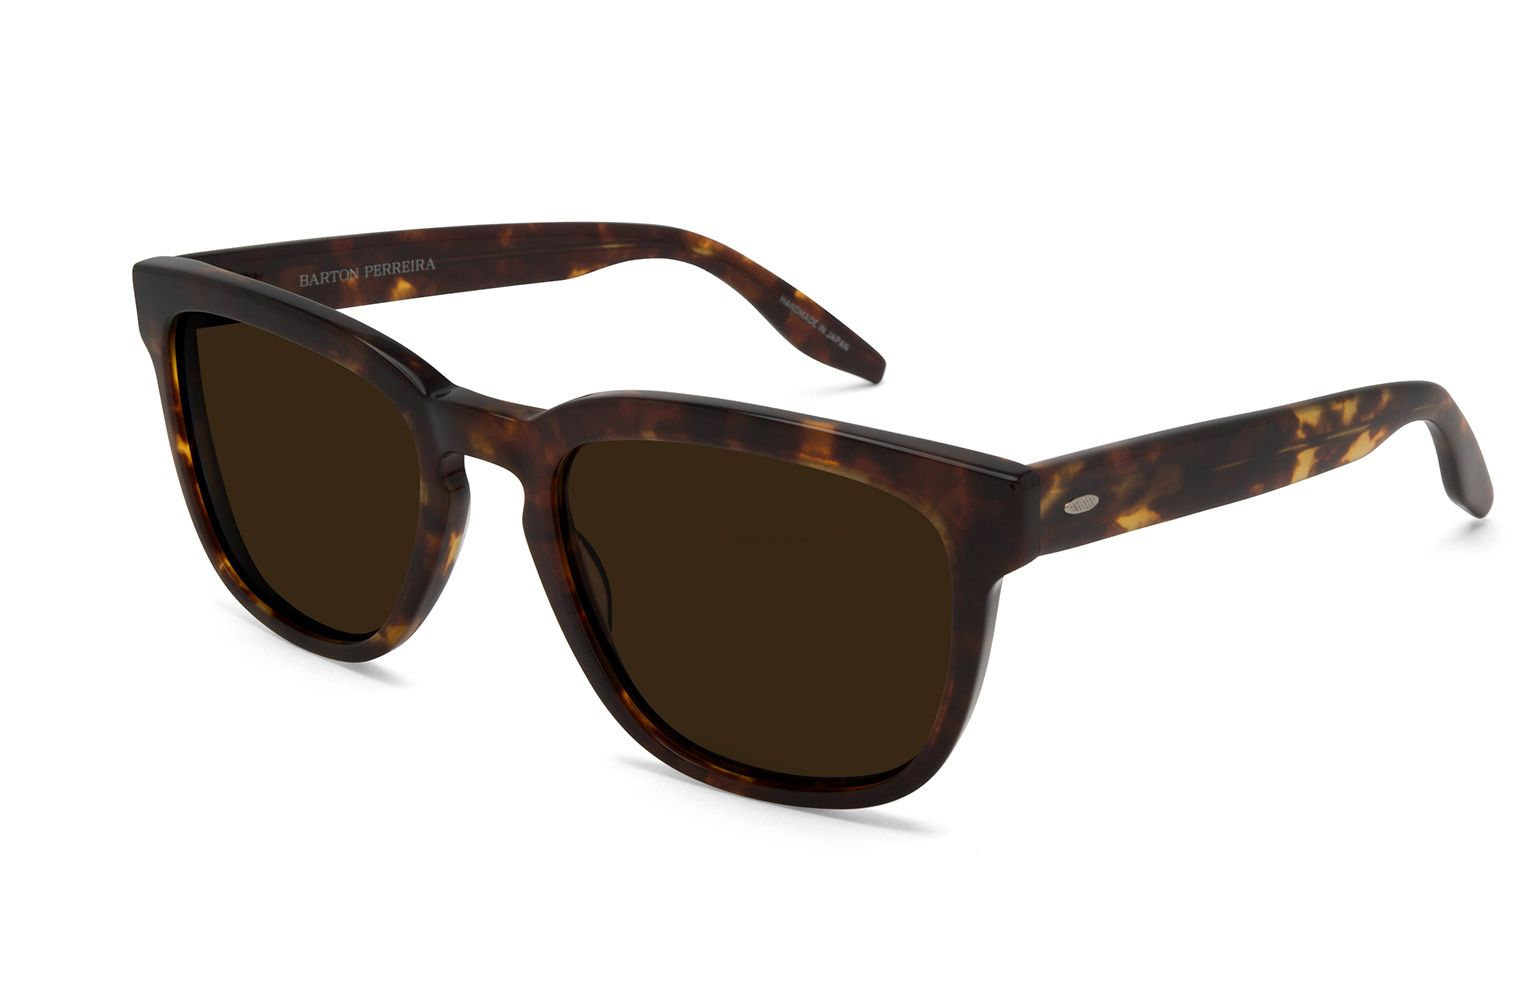 588c3ec60cb BARTON PERREIRA COLTRANE. BARTON PERREIRA COLTRANE Men s Sunglasses